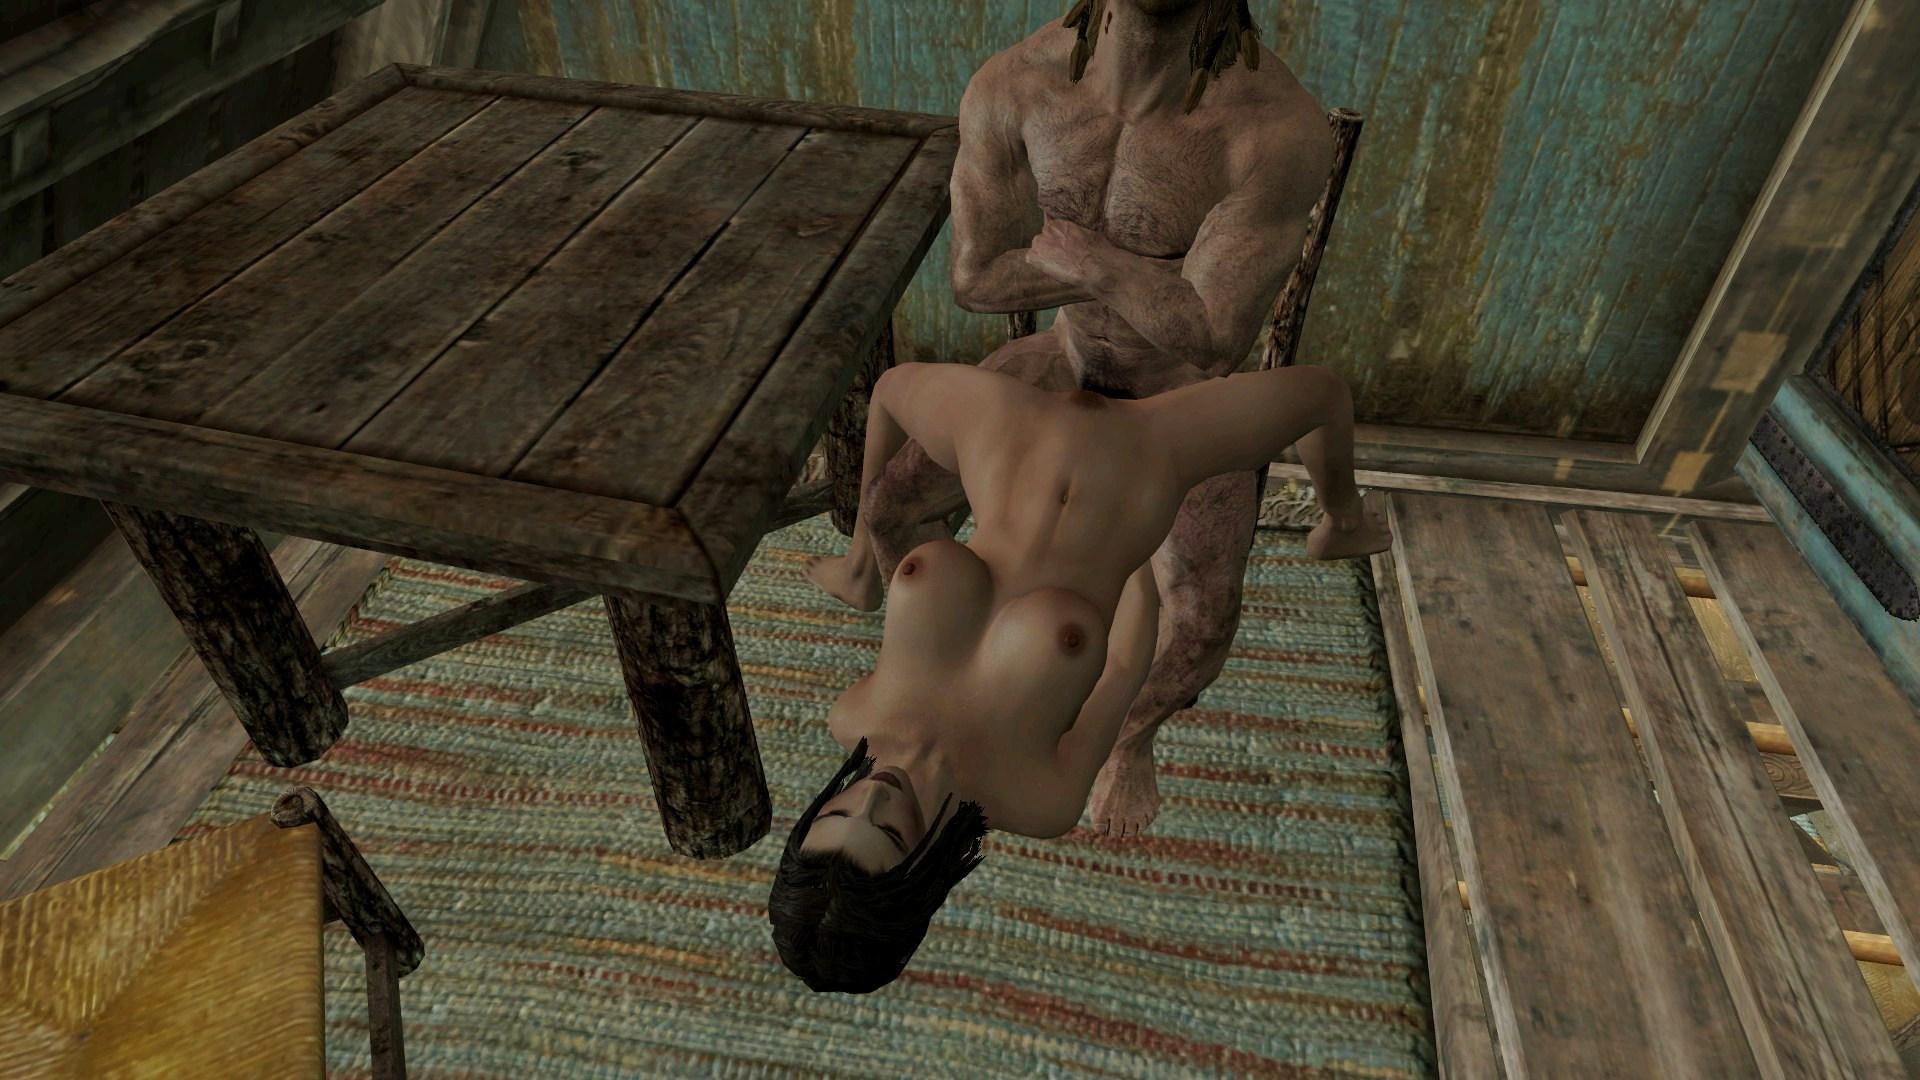 методы могут порно видео из игры скайрим посетители, обратите внимание